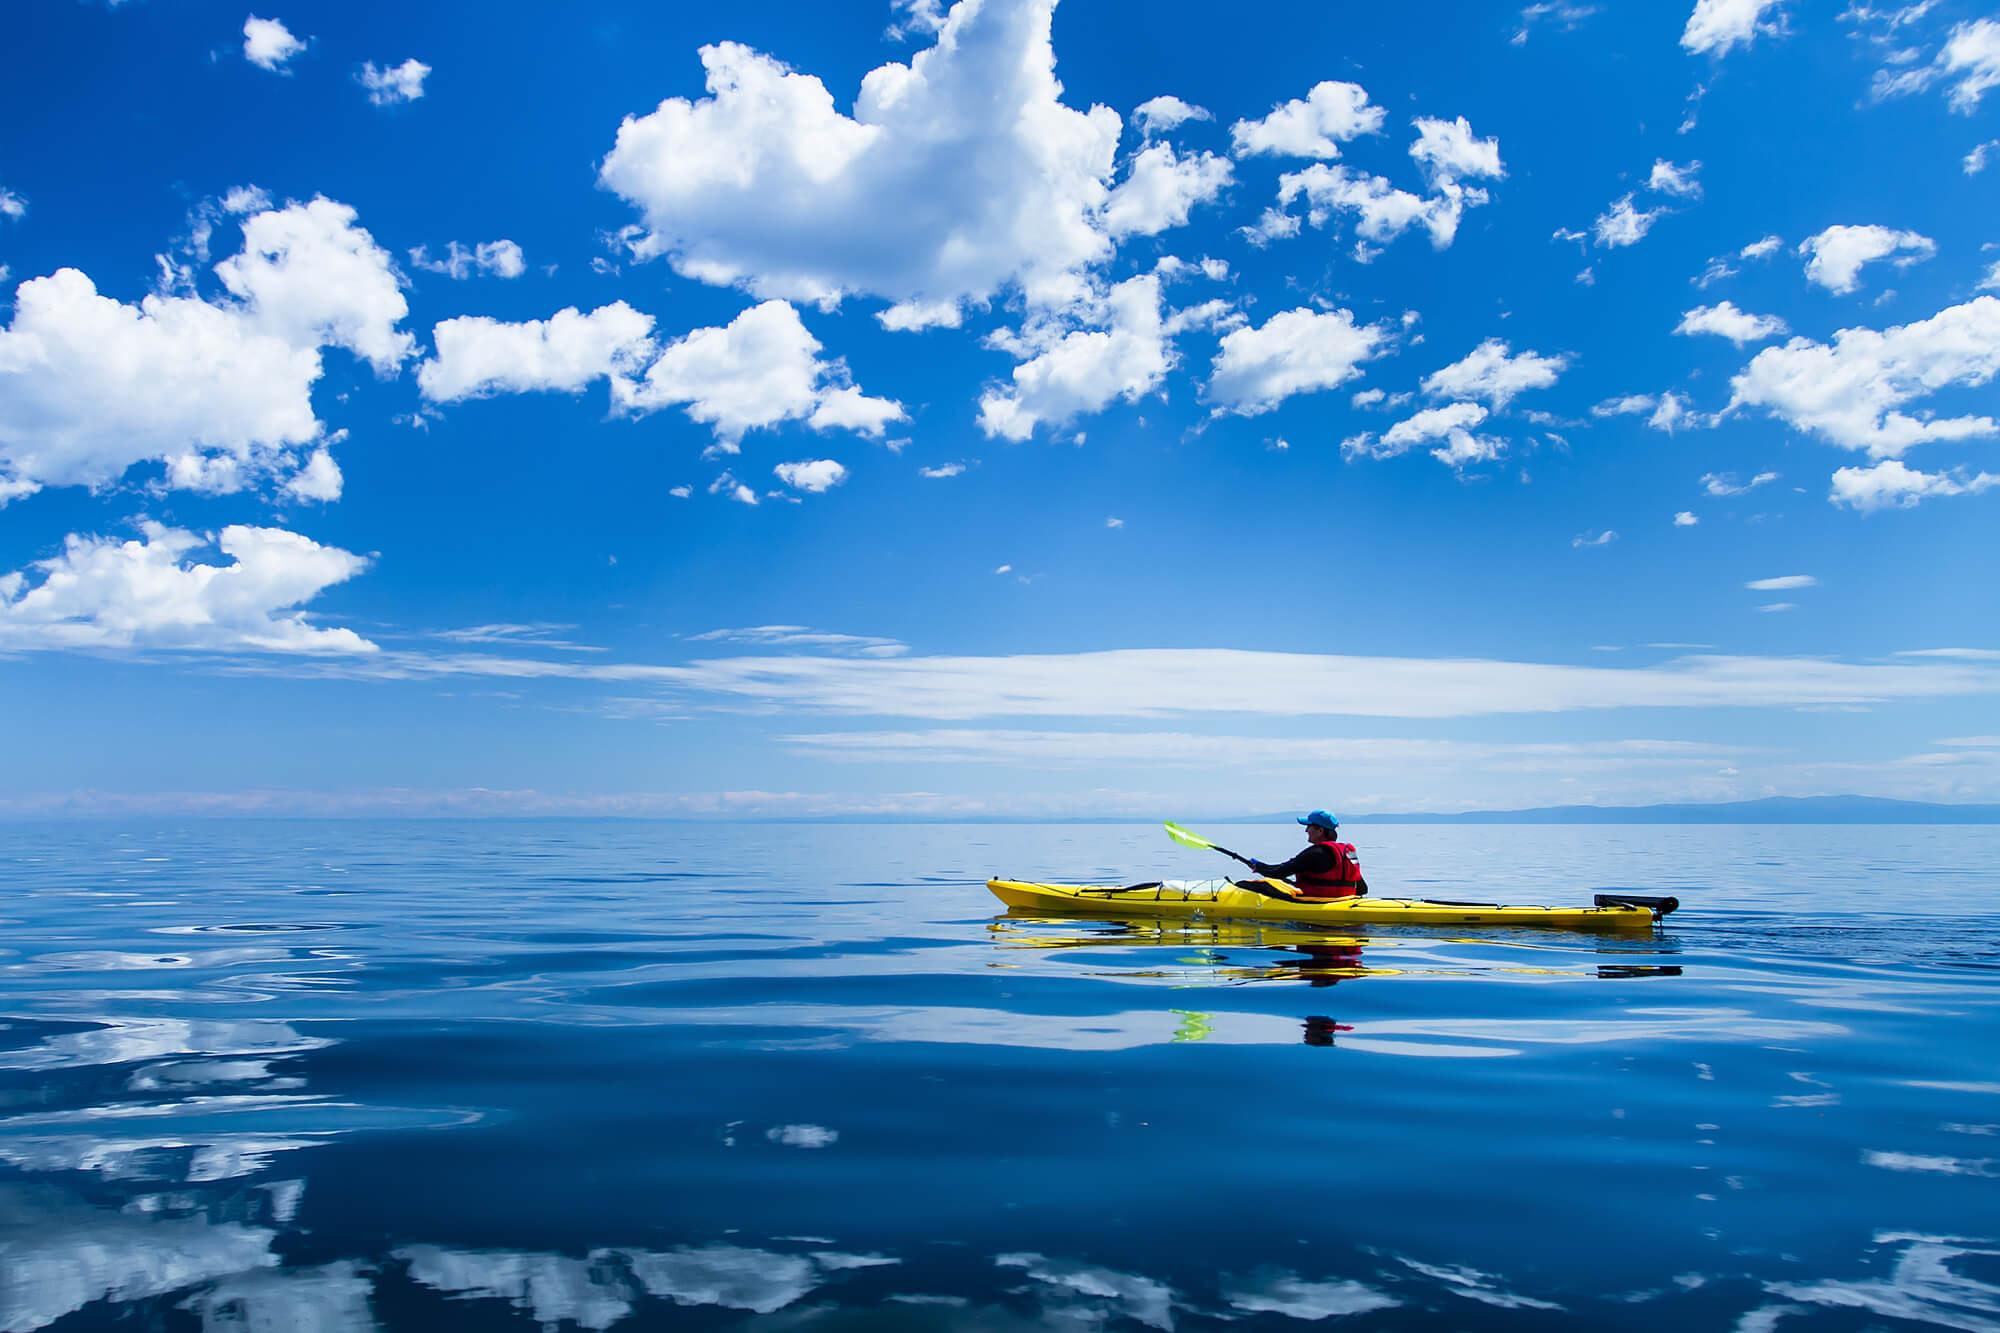 Man on Touring Kayak